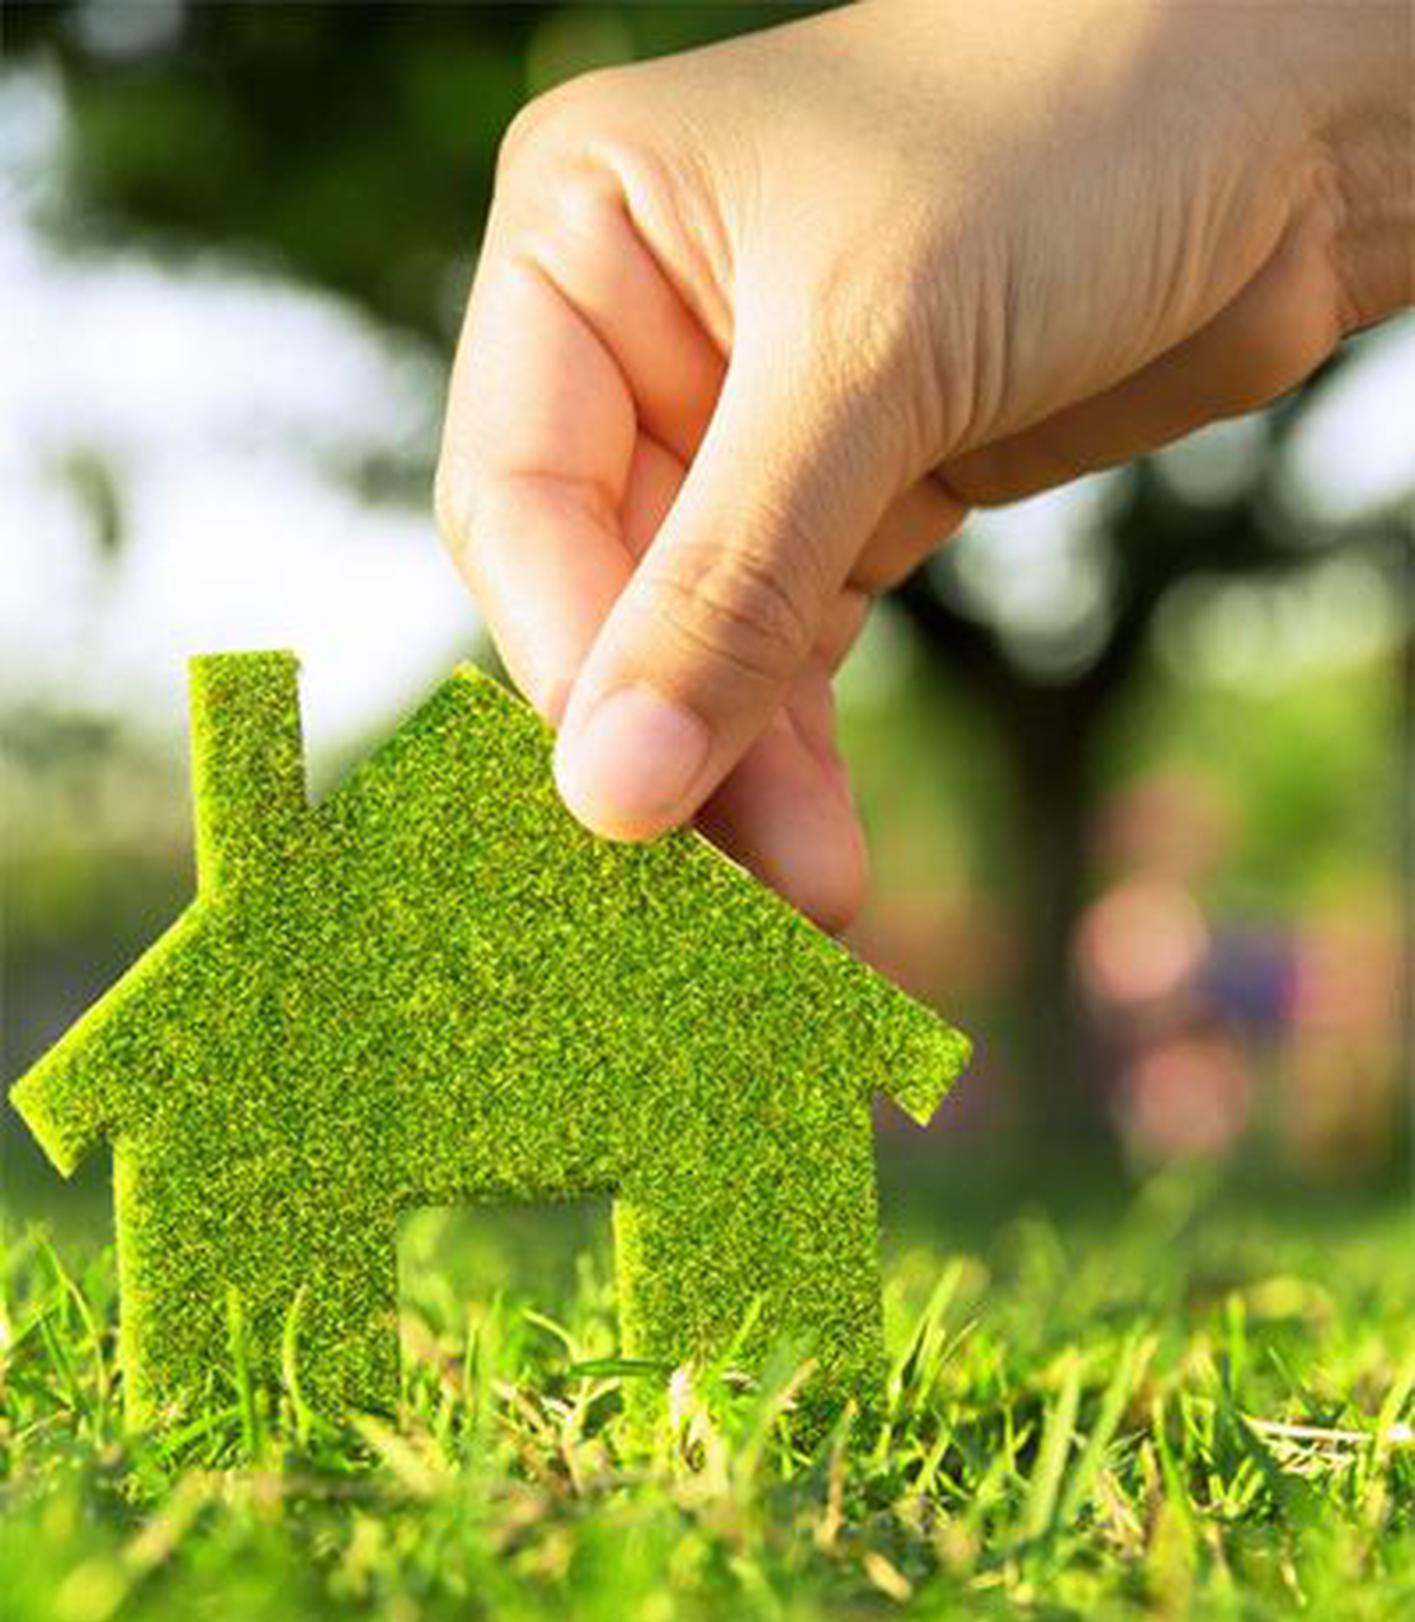 太原城市绿化条例出台 擅自占用城市绿地最高罚3万